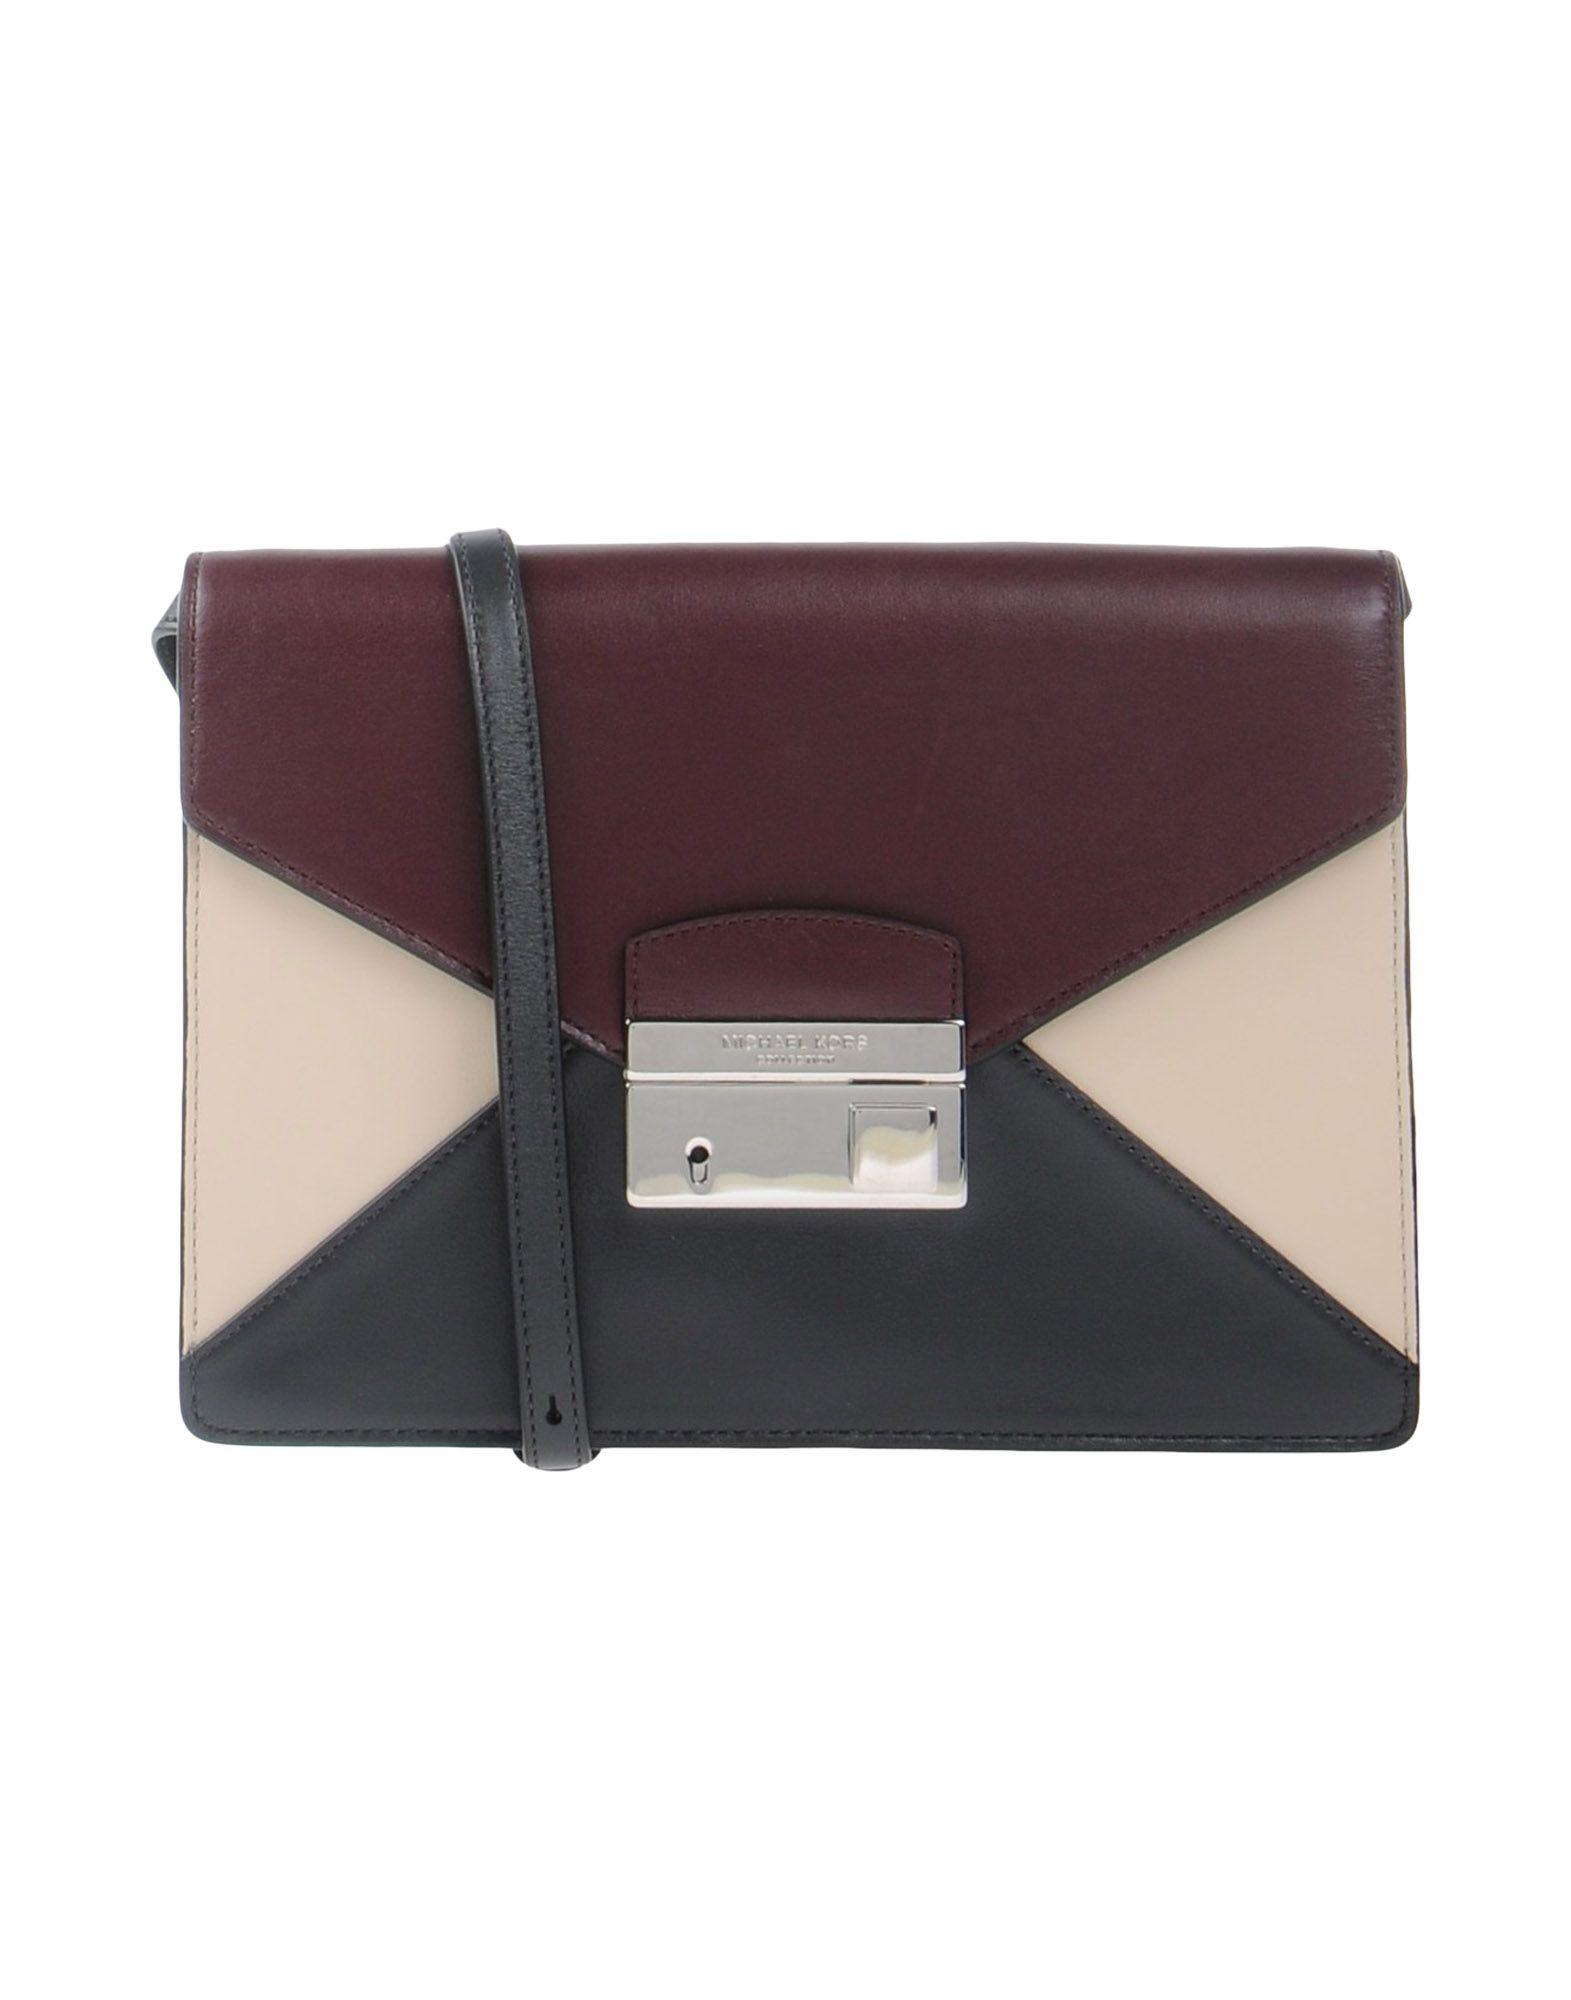 Michael Kors Collection Handbags